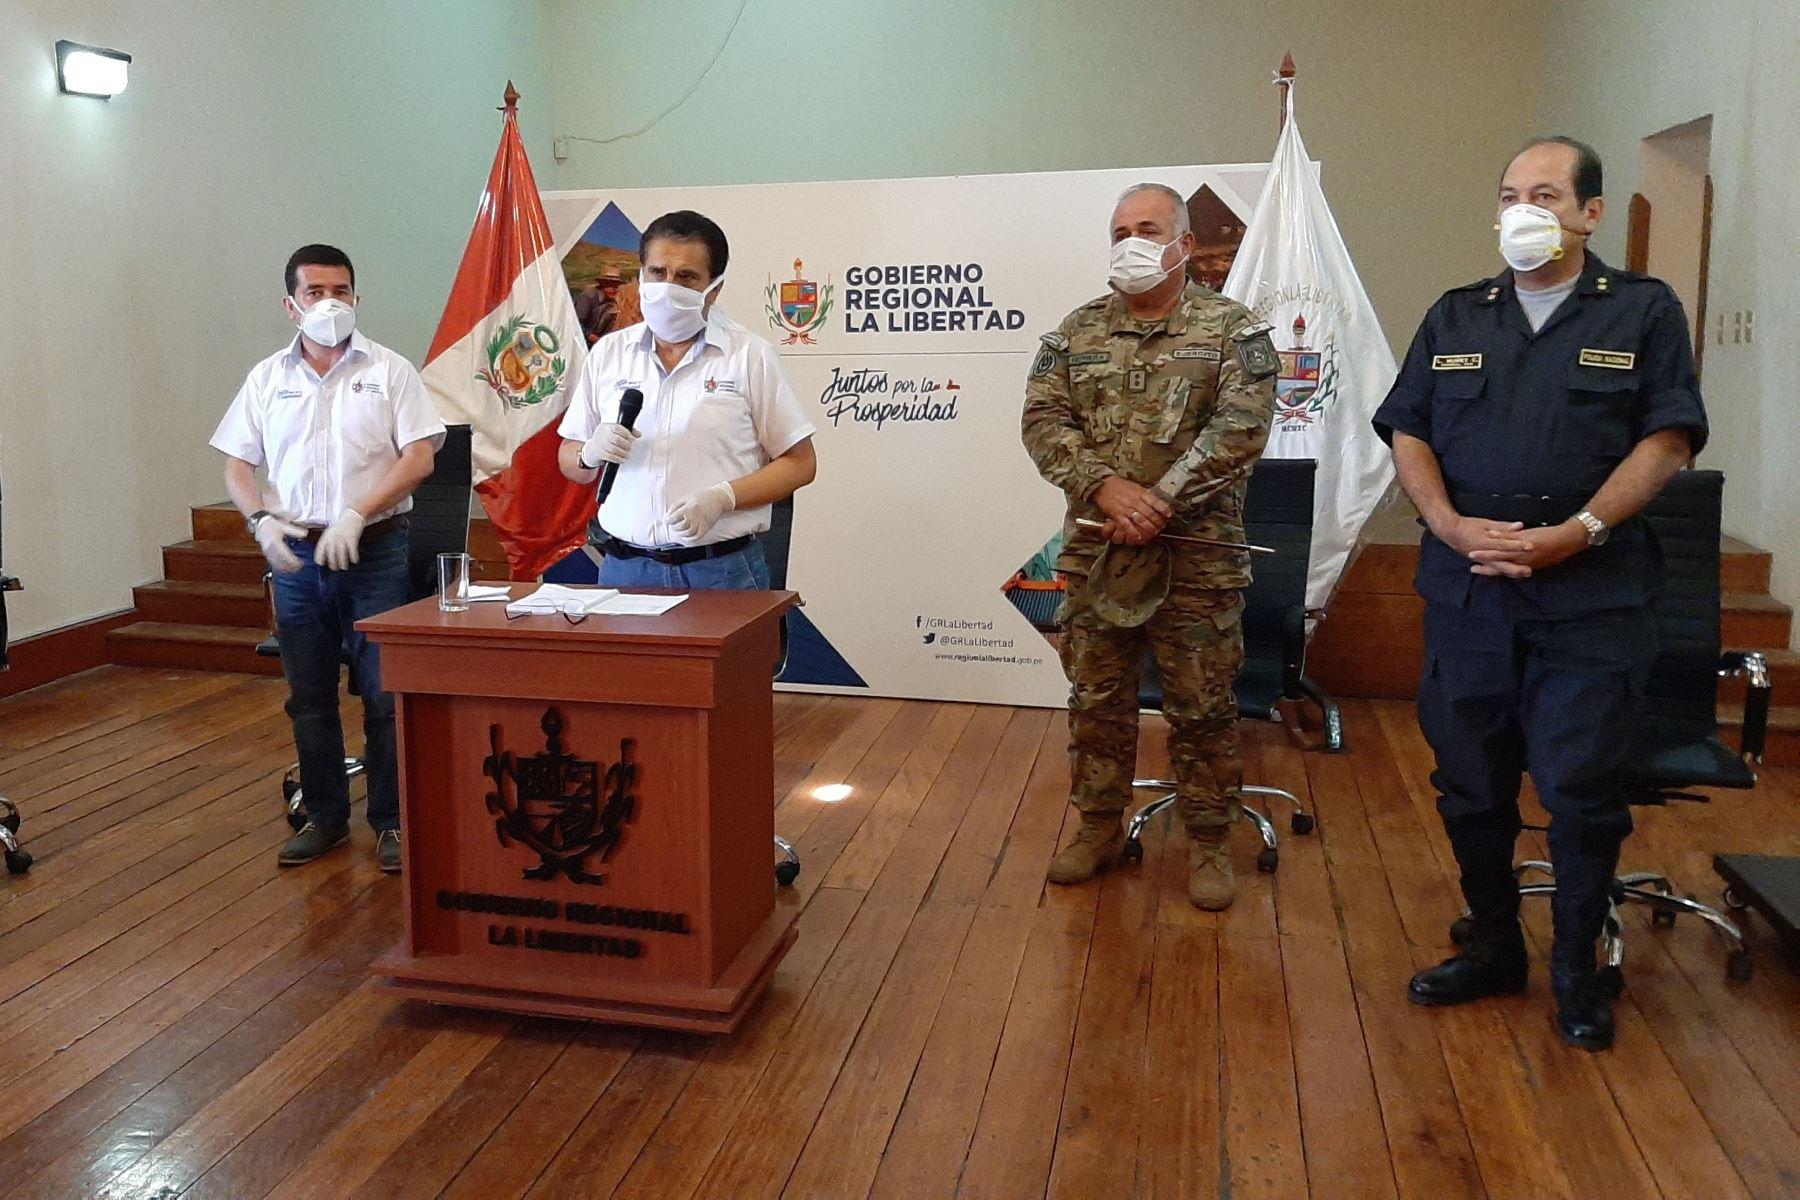 La región La Libertad destacó la extensión del horario de inmovilización social obligatoria para frenar el avance del coronavirus. Foto: Cortesía/Luis Puell